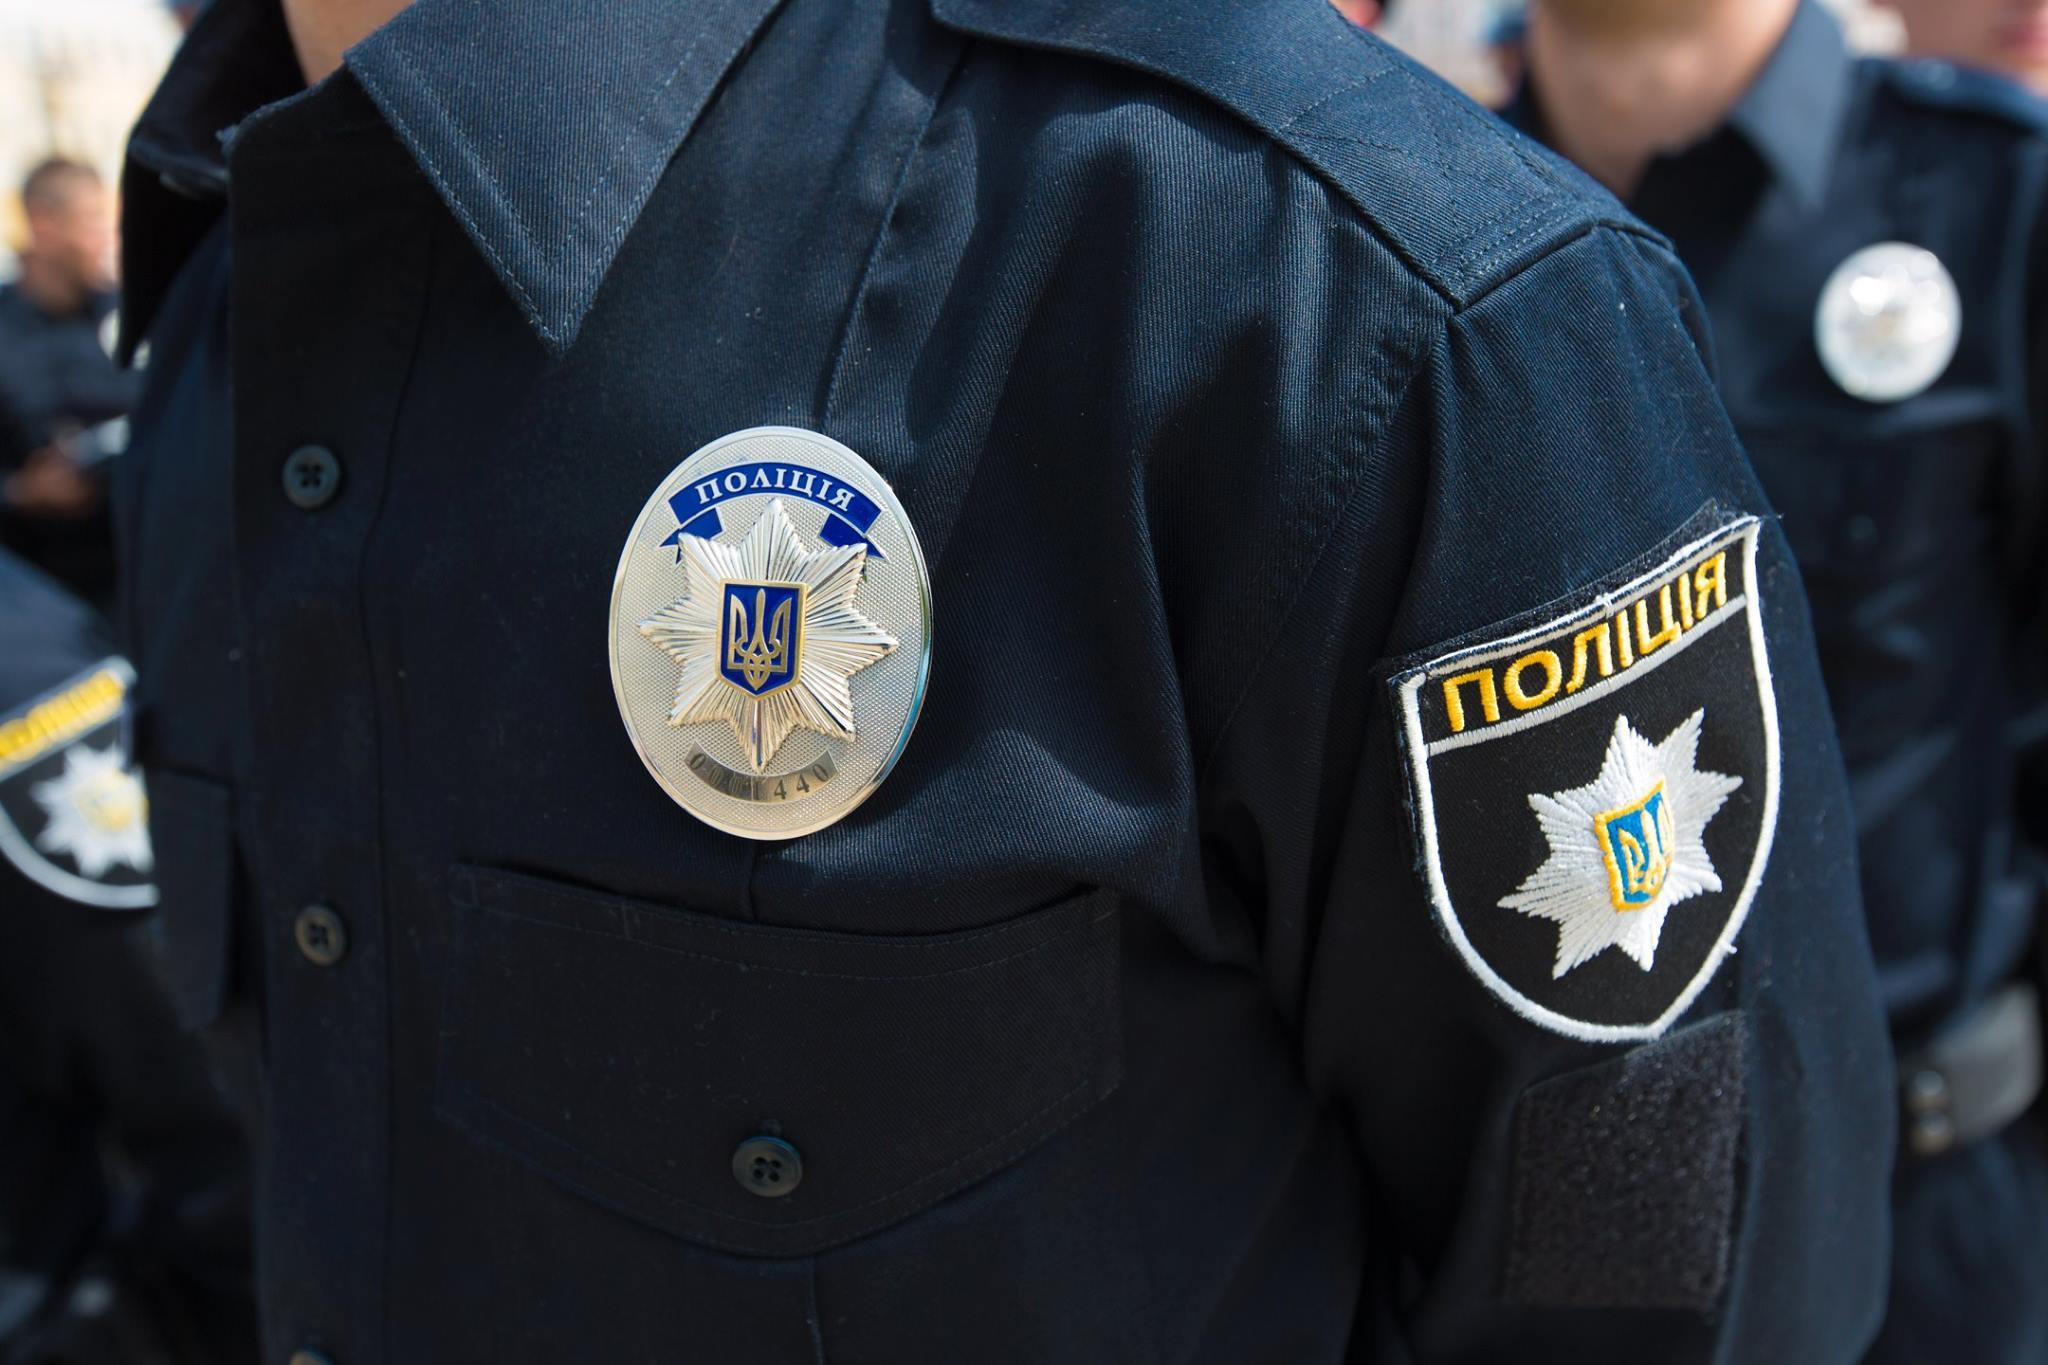 Практически 1,4 тыс. правоохранителей будут охранять правопорядок вцентре украинской столицы